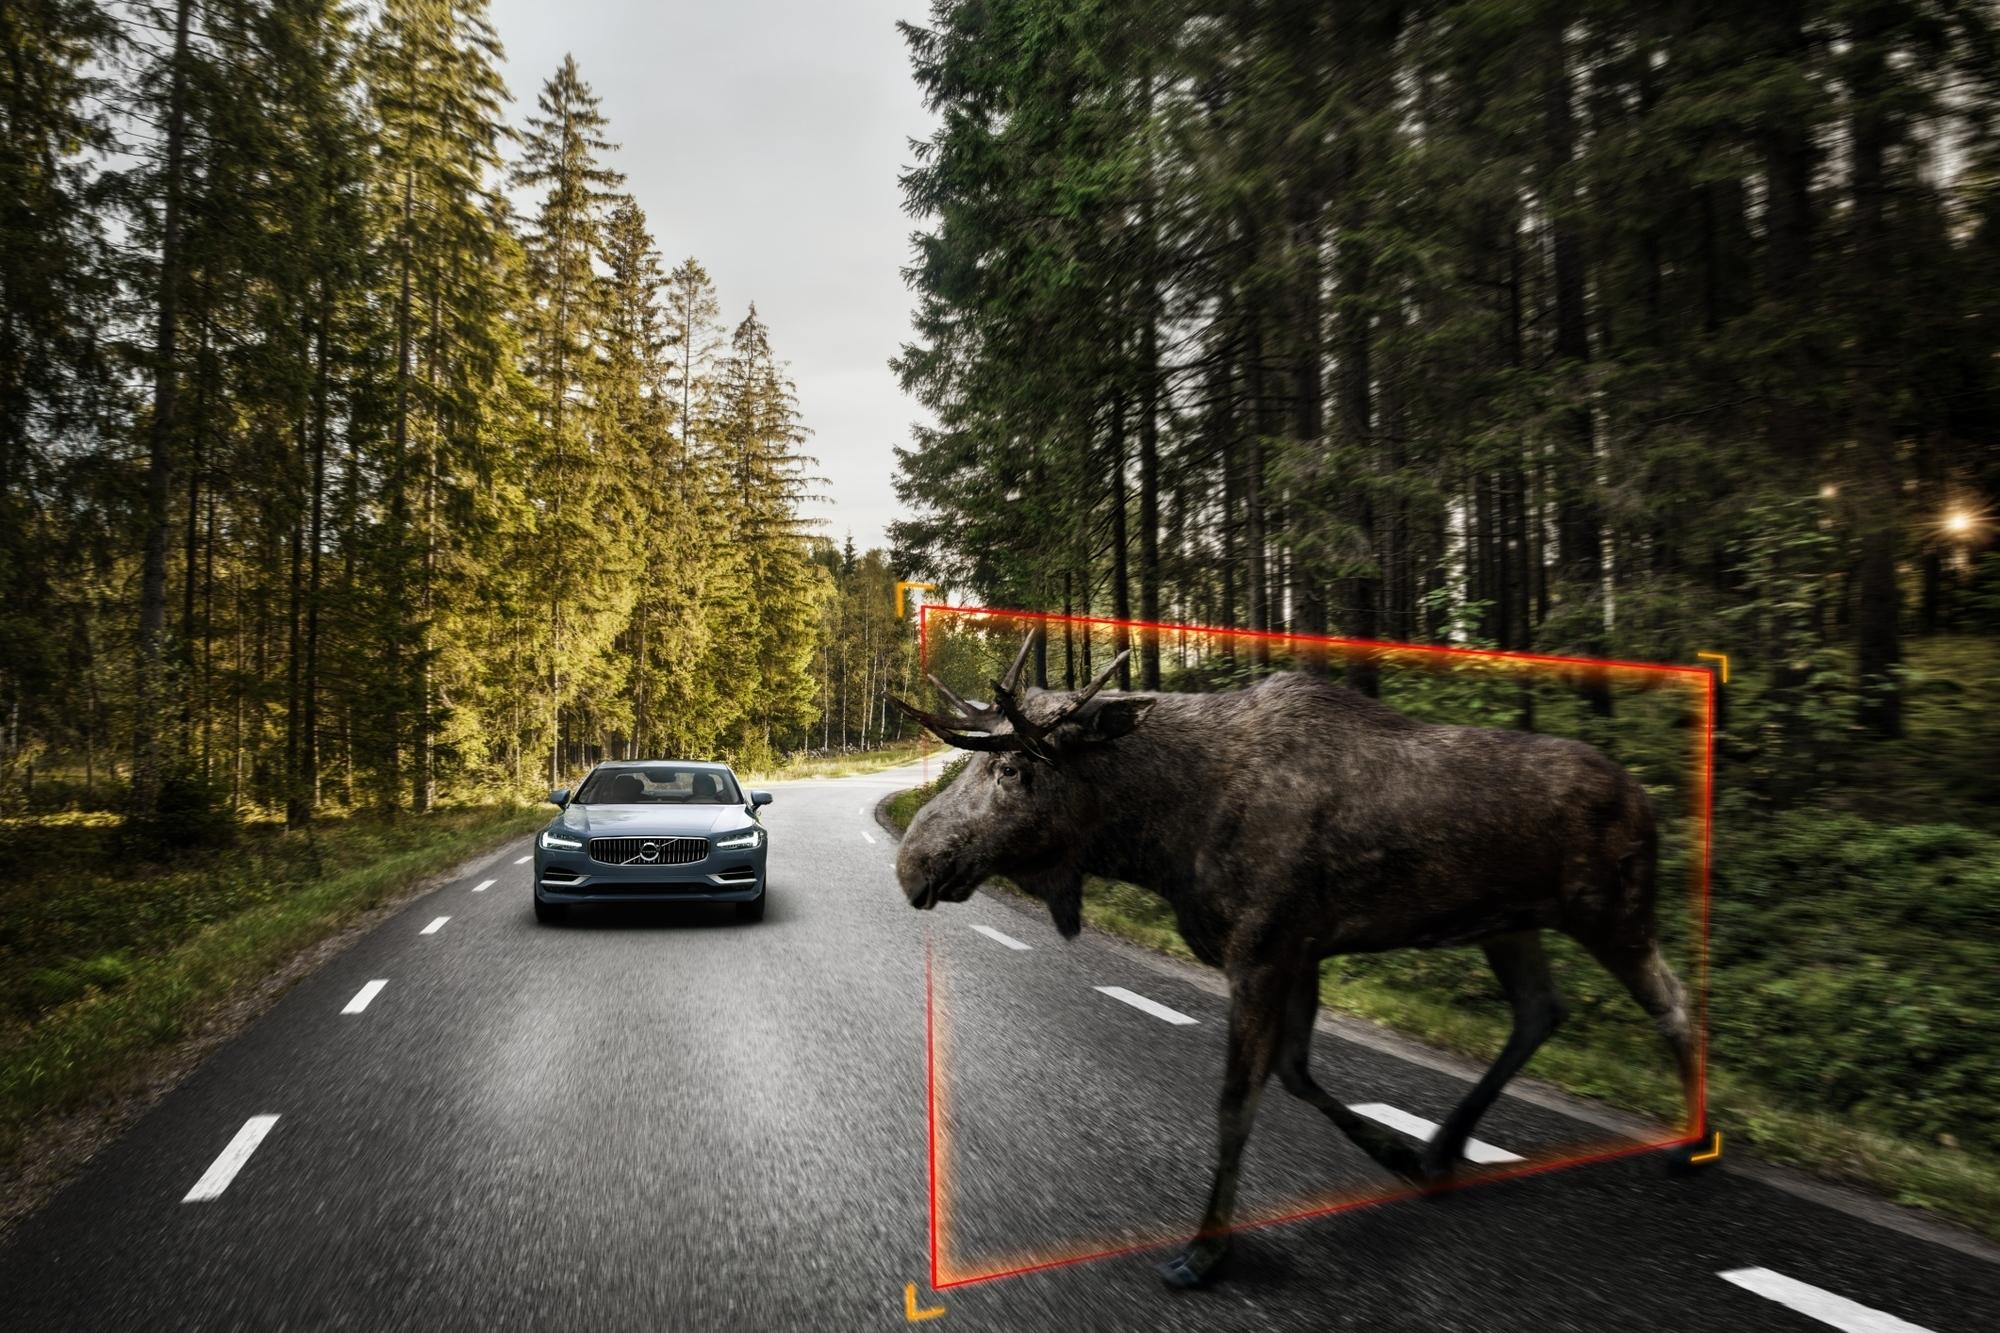 mid Groß-Gerau - Im neuen S90 bringt Volvo erstmalig einen speziellen Assistenten zur Erkennung großer Tiere zum Einsatz.